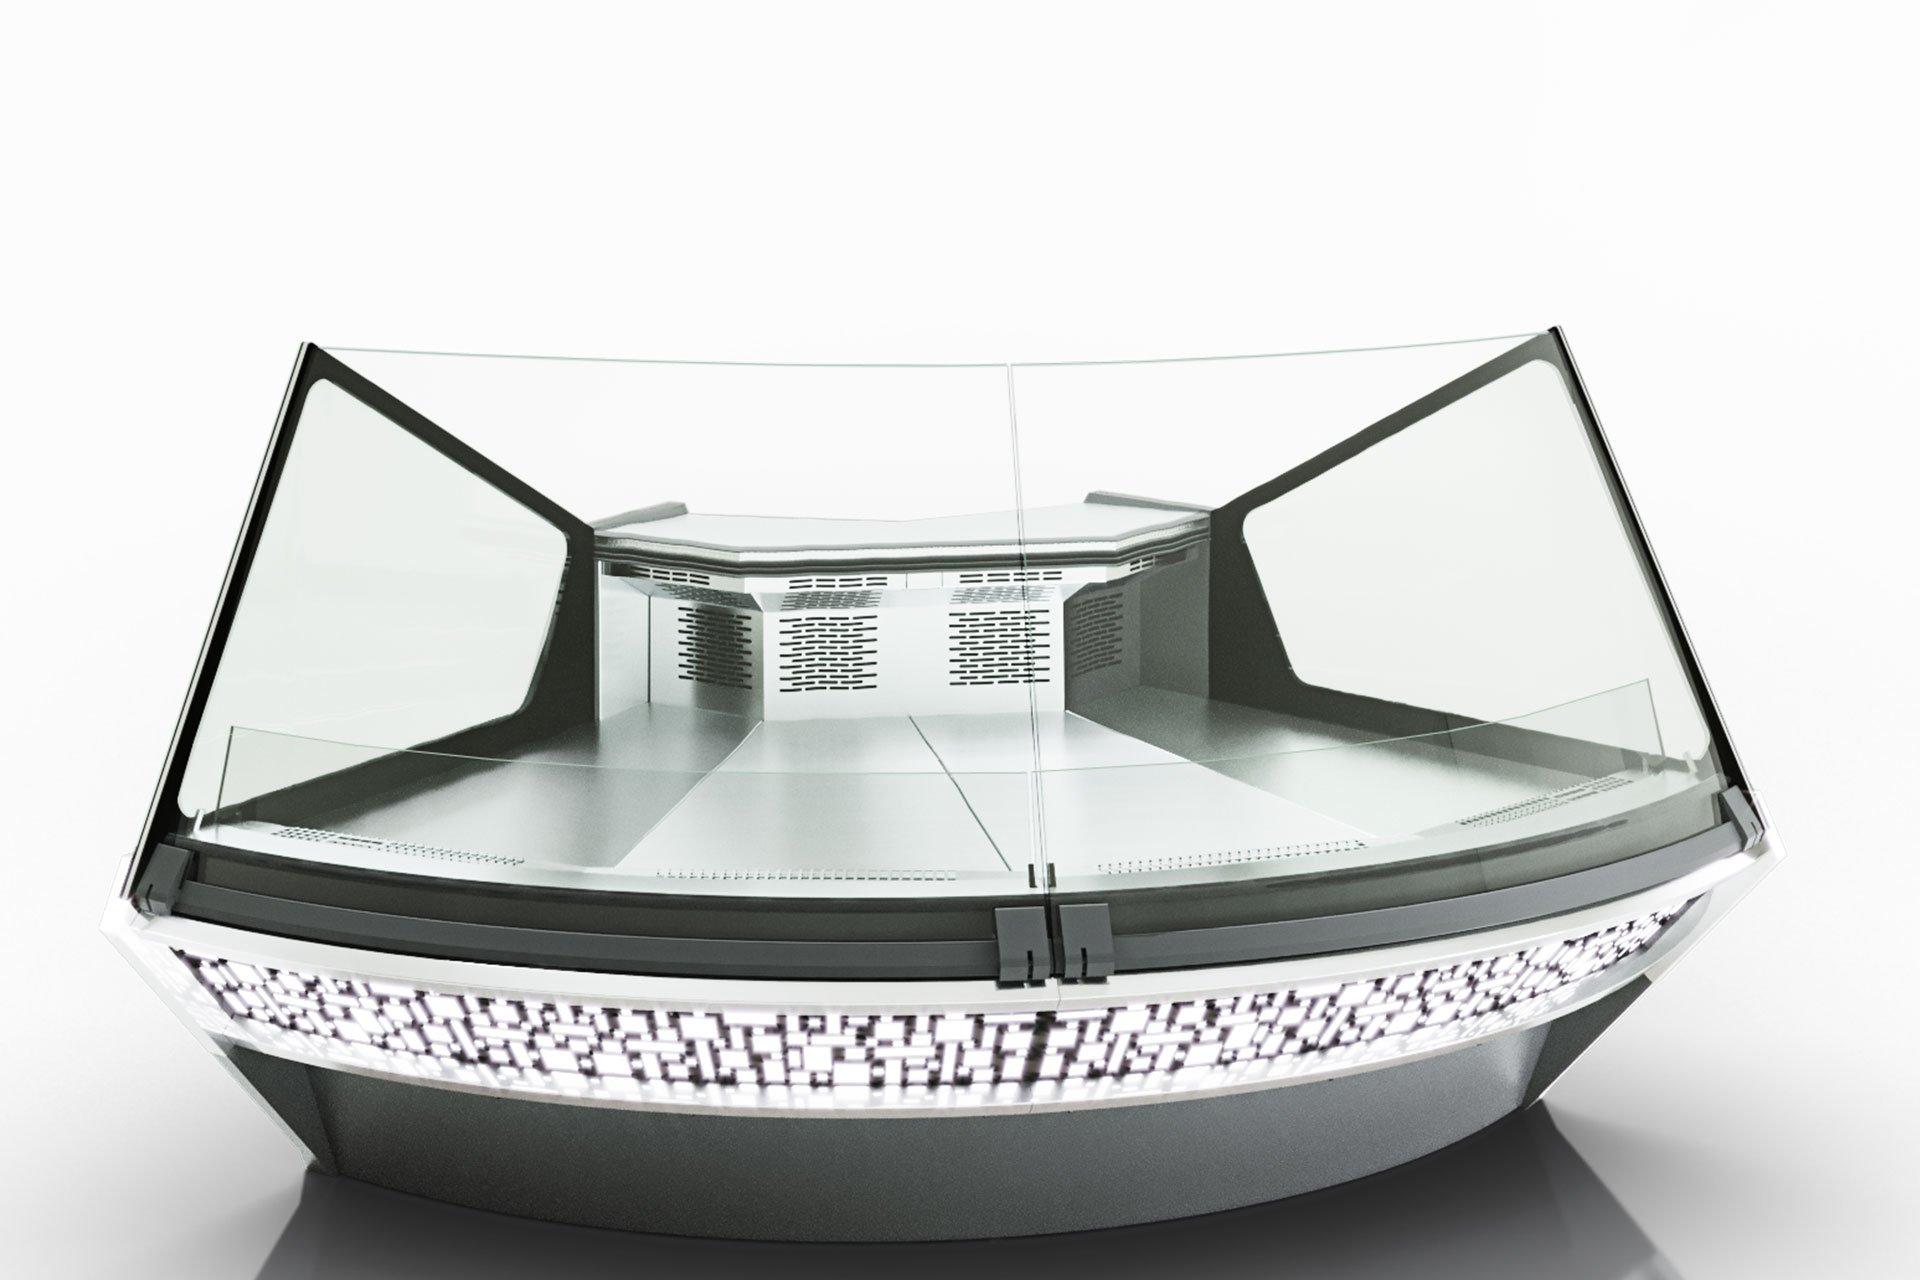 Kühlvitrinen Missouri sapphire MK 115 deli OS 125-DLM-ER90